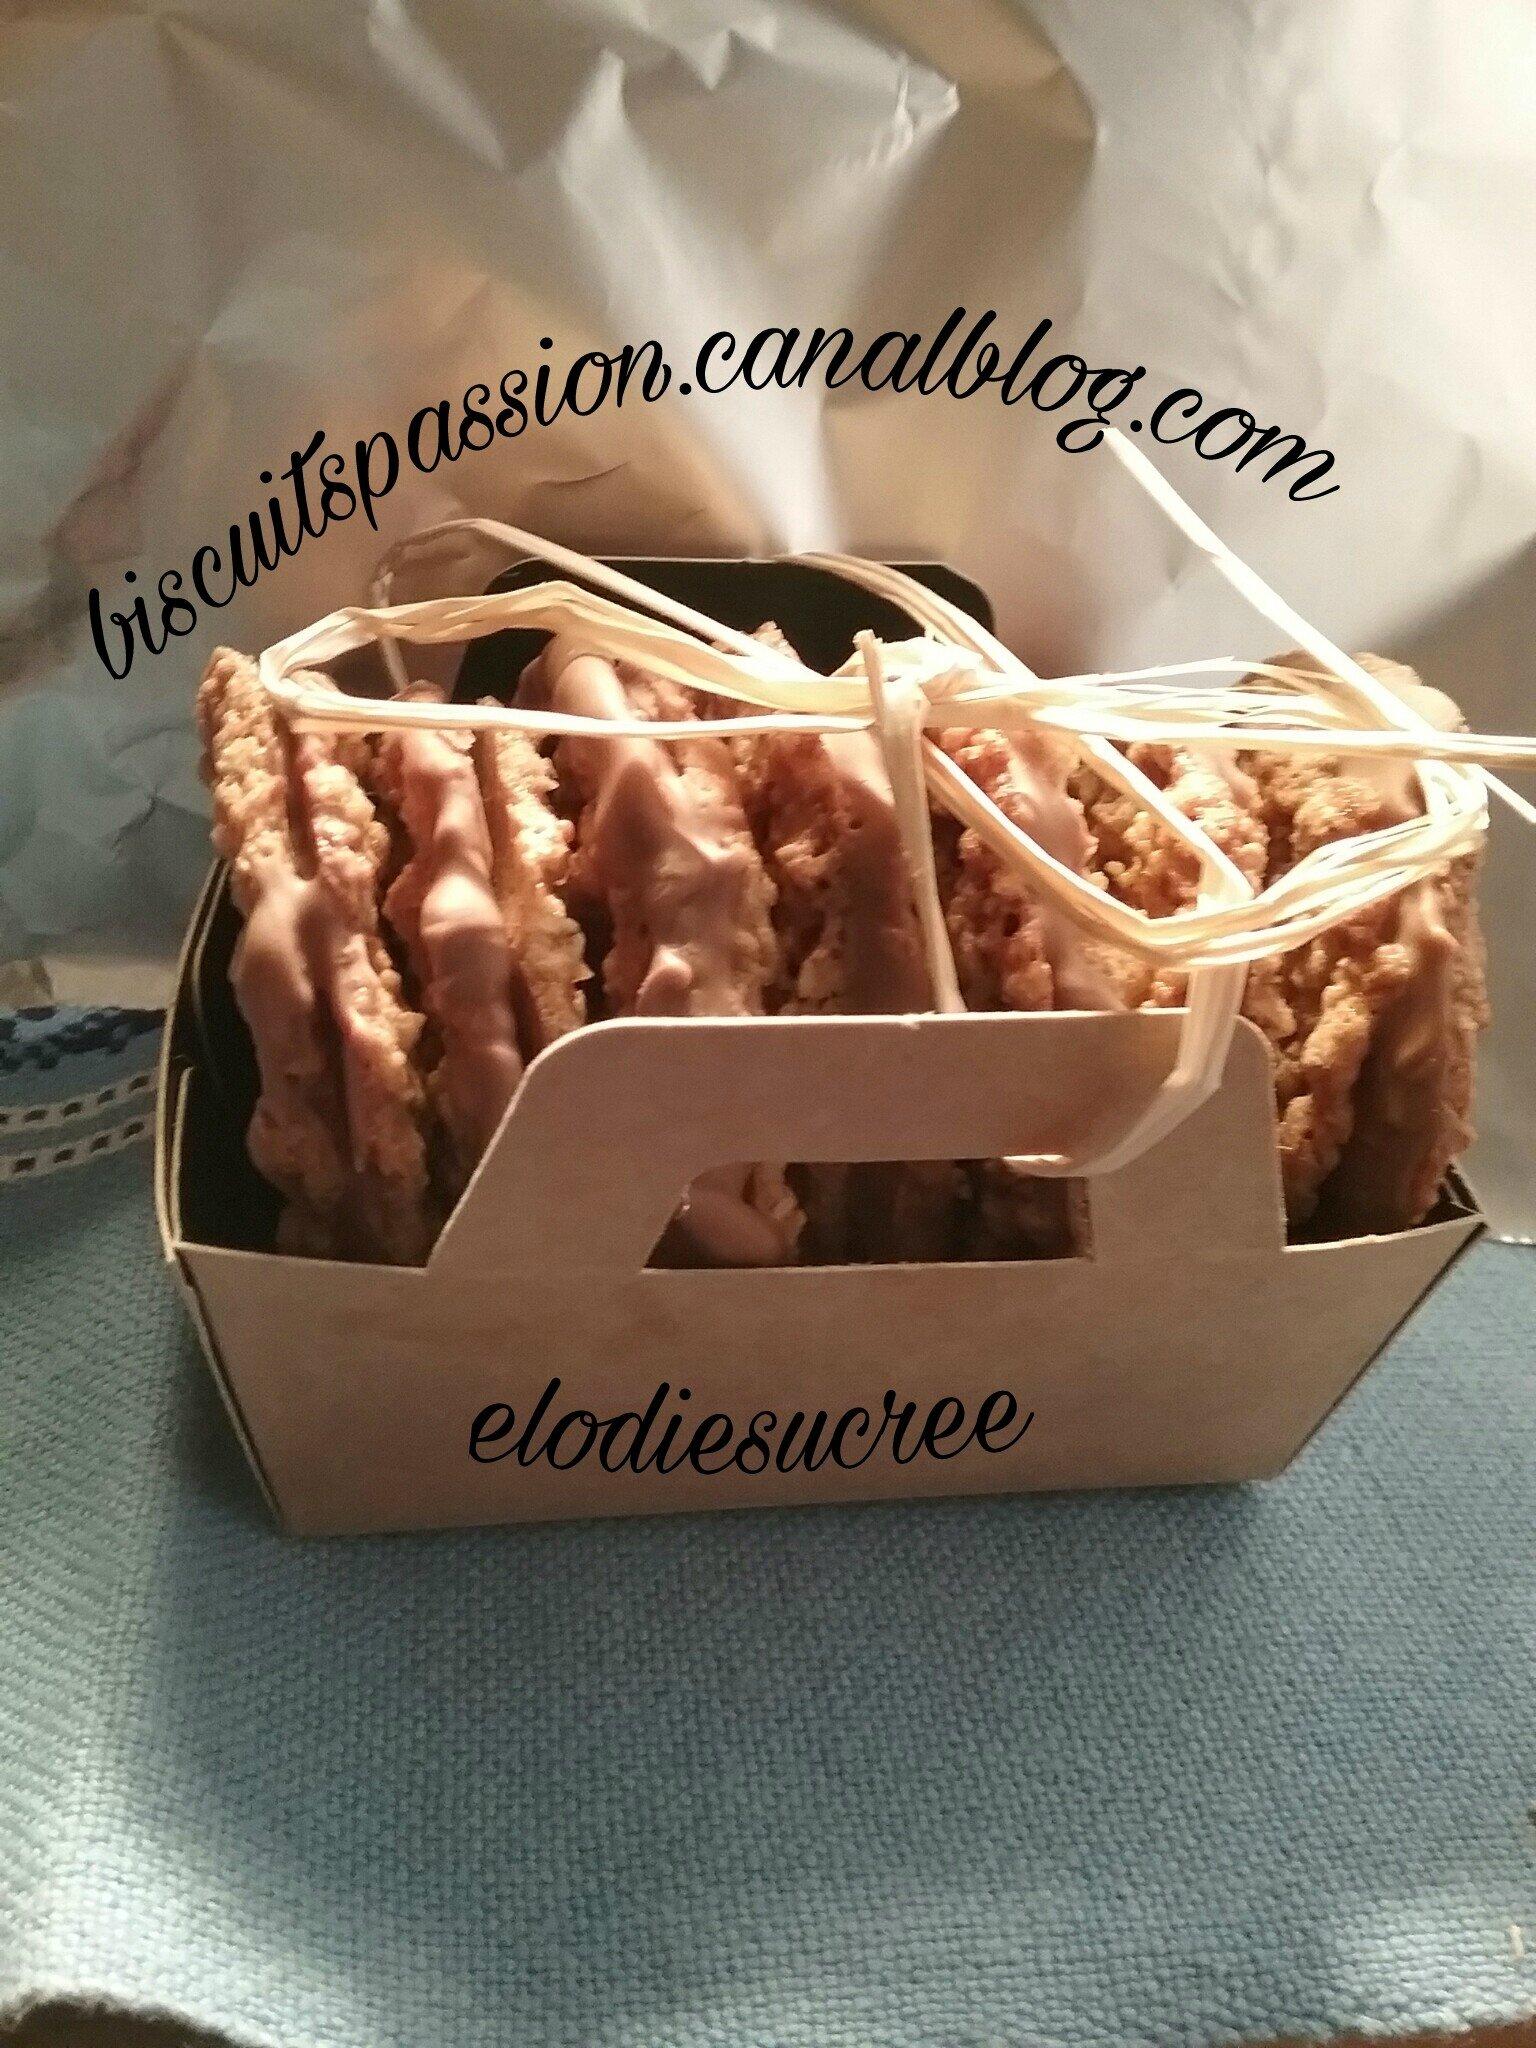 Biscuits ax flocons d'avoine, avec ou sans chocolat, comme chez IKEA ( CHOKLADFARN )!!